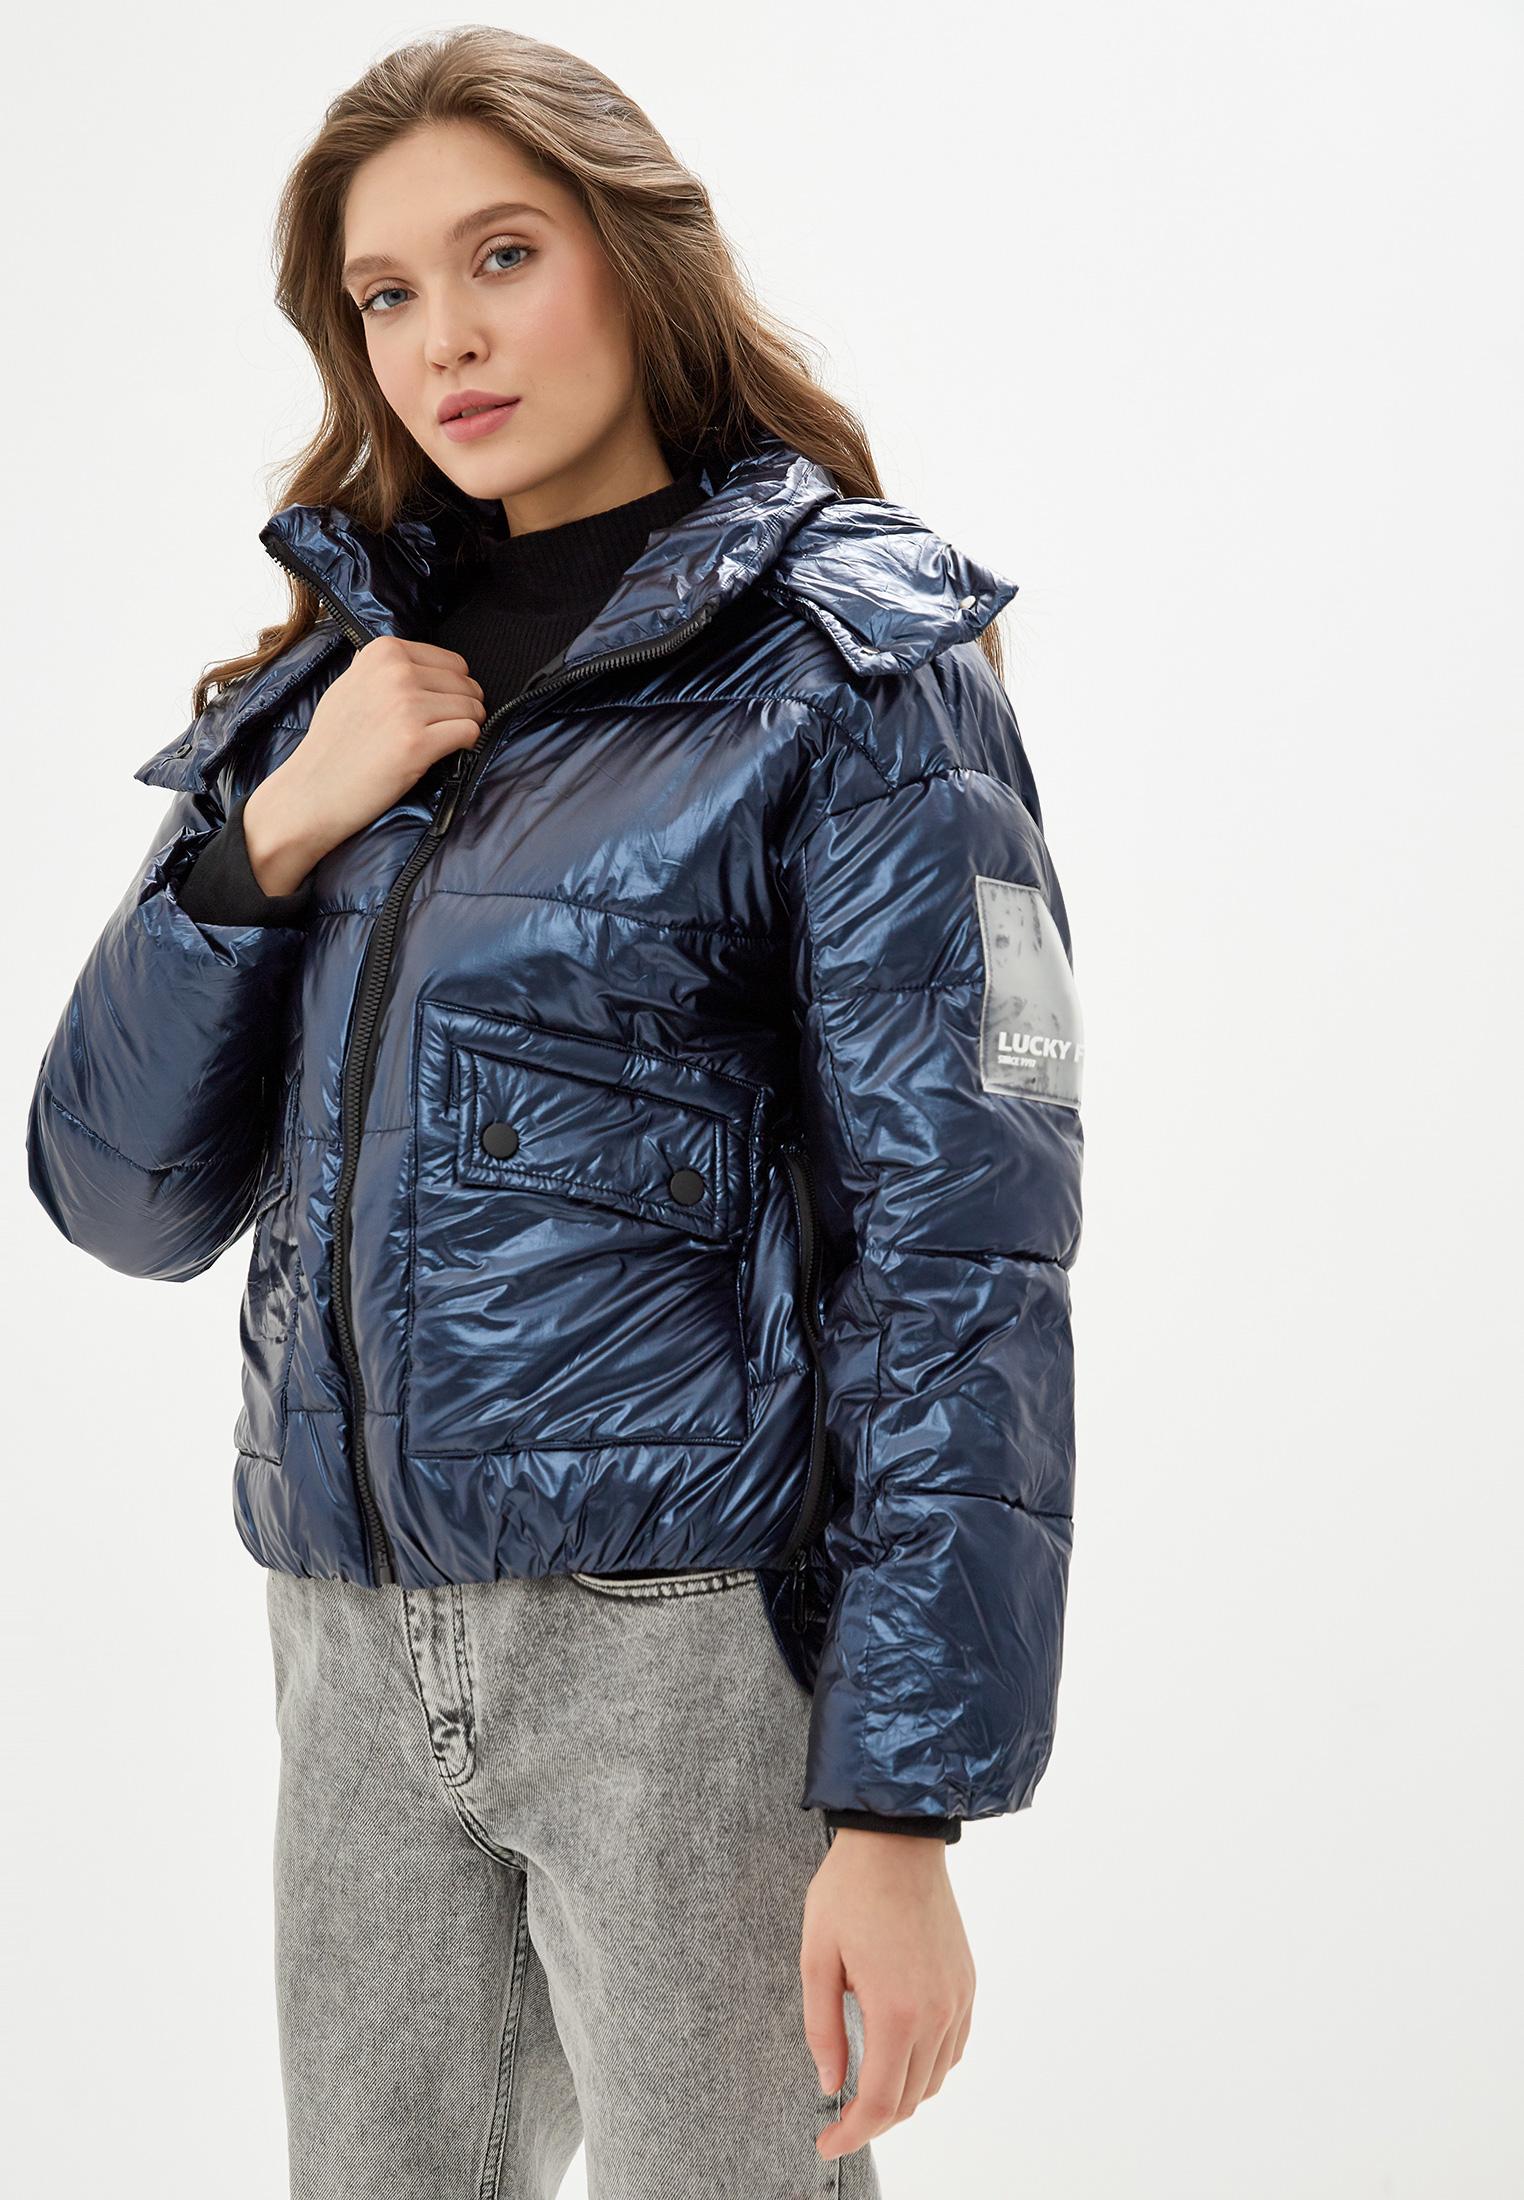 Утепленная куртка Diora.rim DR/9816/